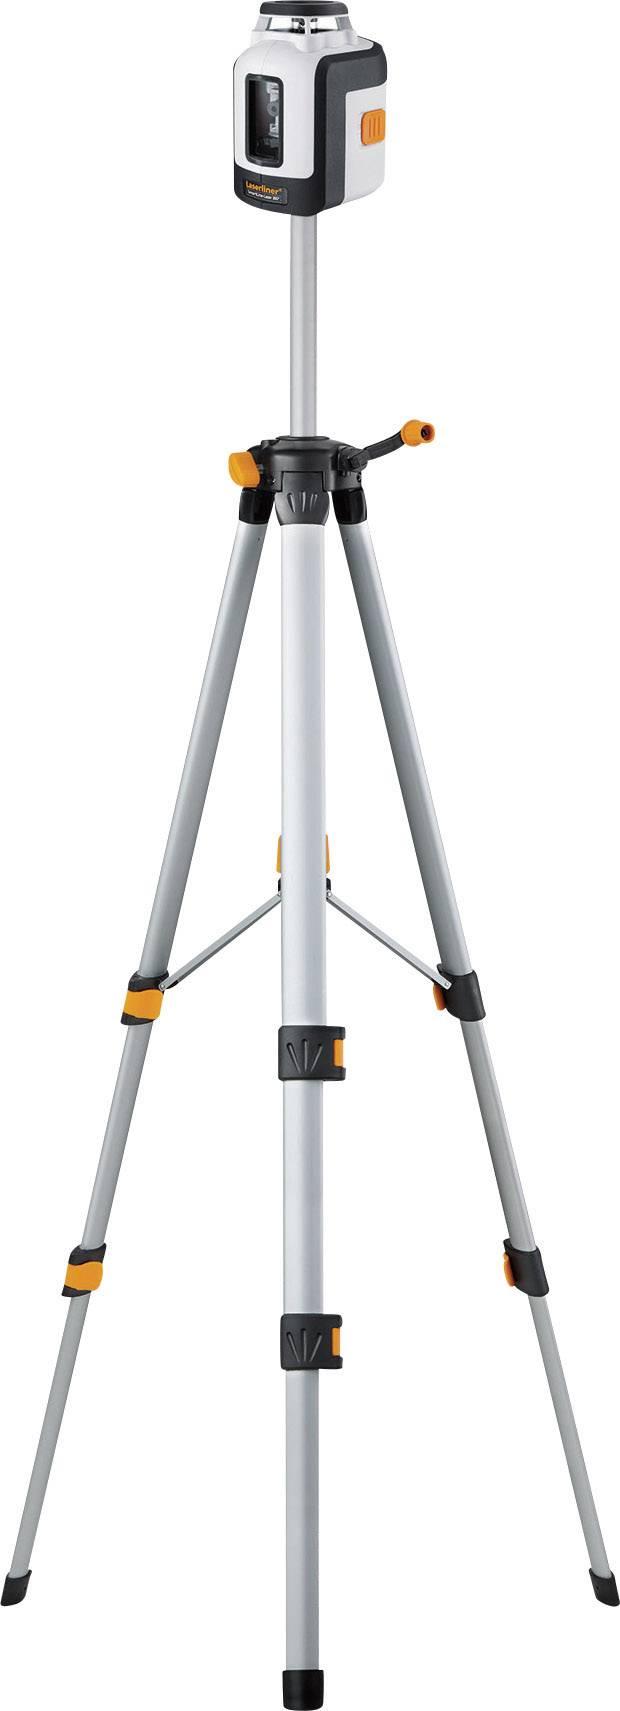 Křížový laser samonivelační, vč. stativu Laserliner SmartLine-Laser 360° Bonus Set, dosah (max.): 20 m, Kalibrováno dle: podnikový standard (bez certifikátu) (own)